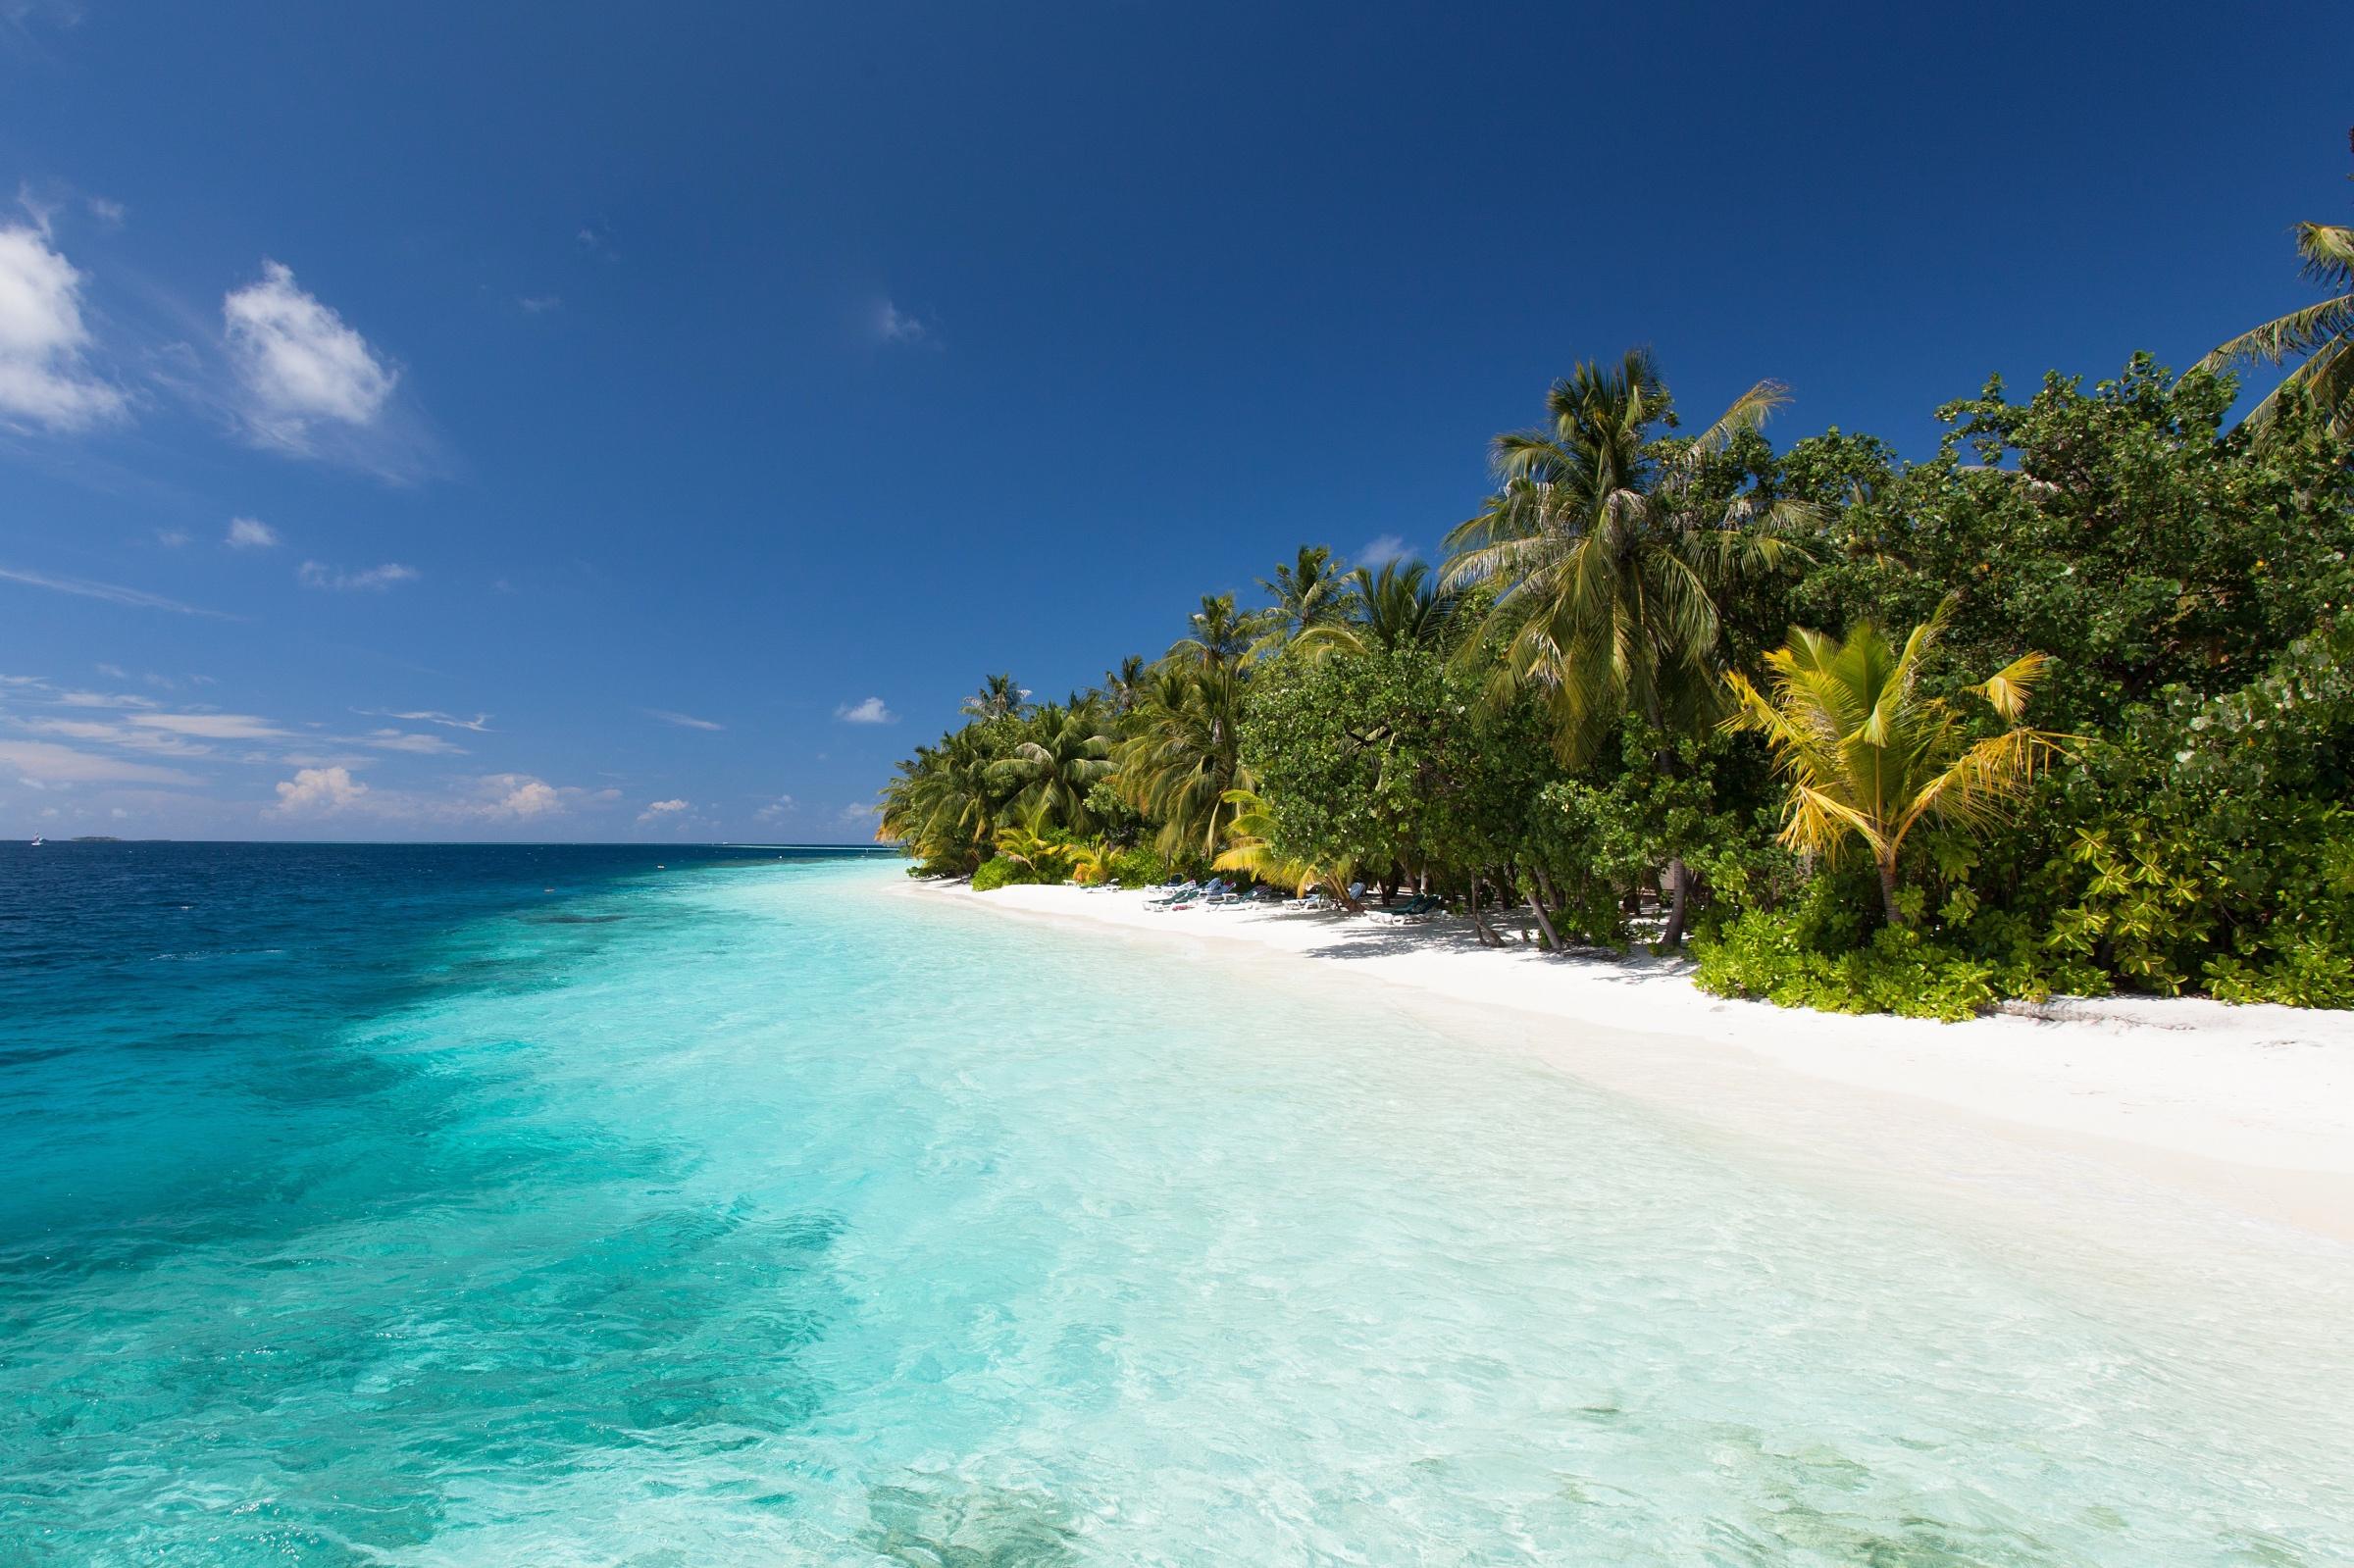 Top Maldives holiday